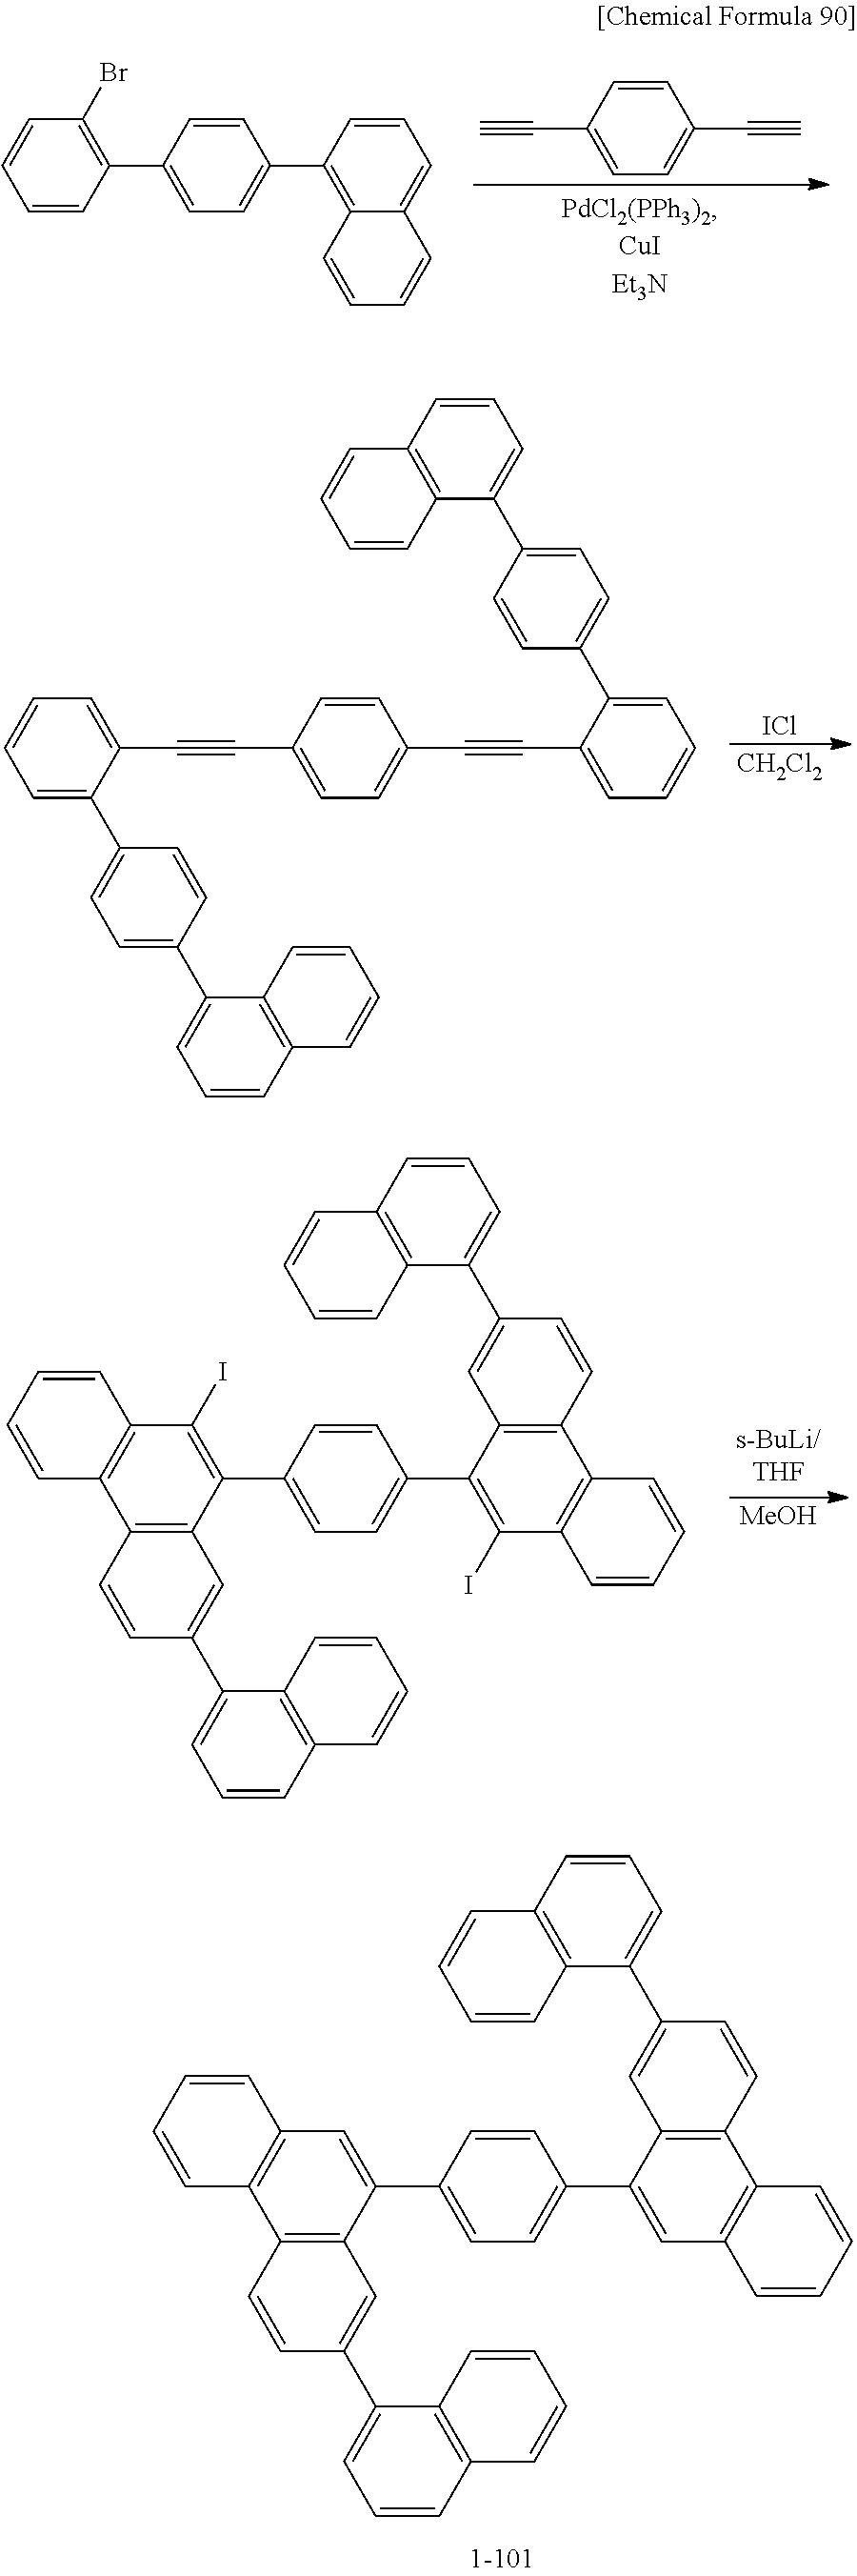 Figure US08568903-20131029-C00723